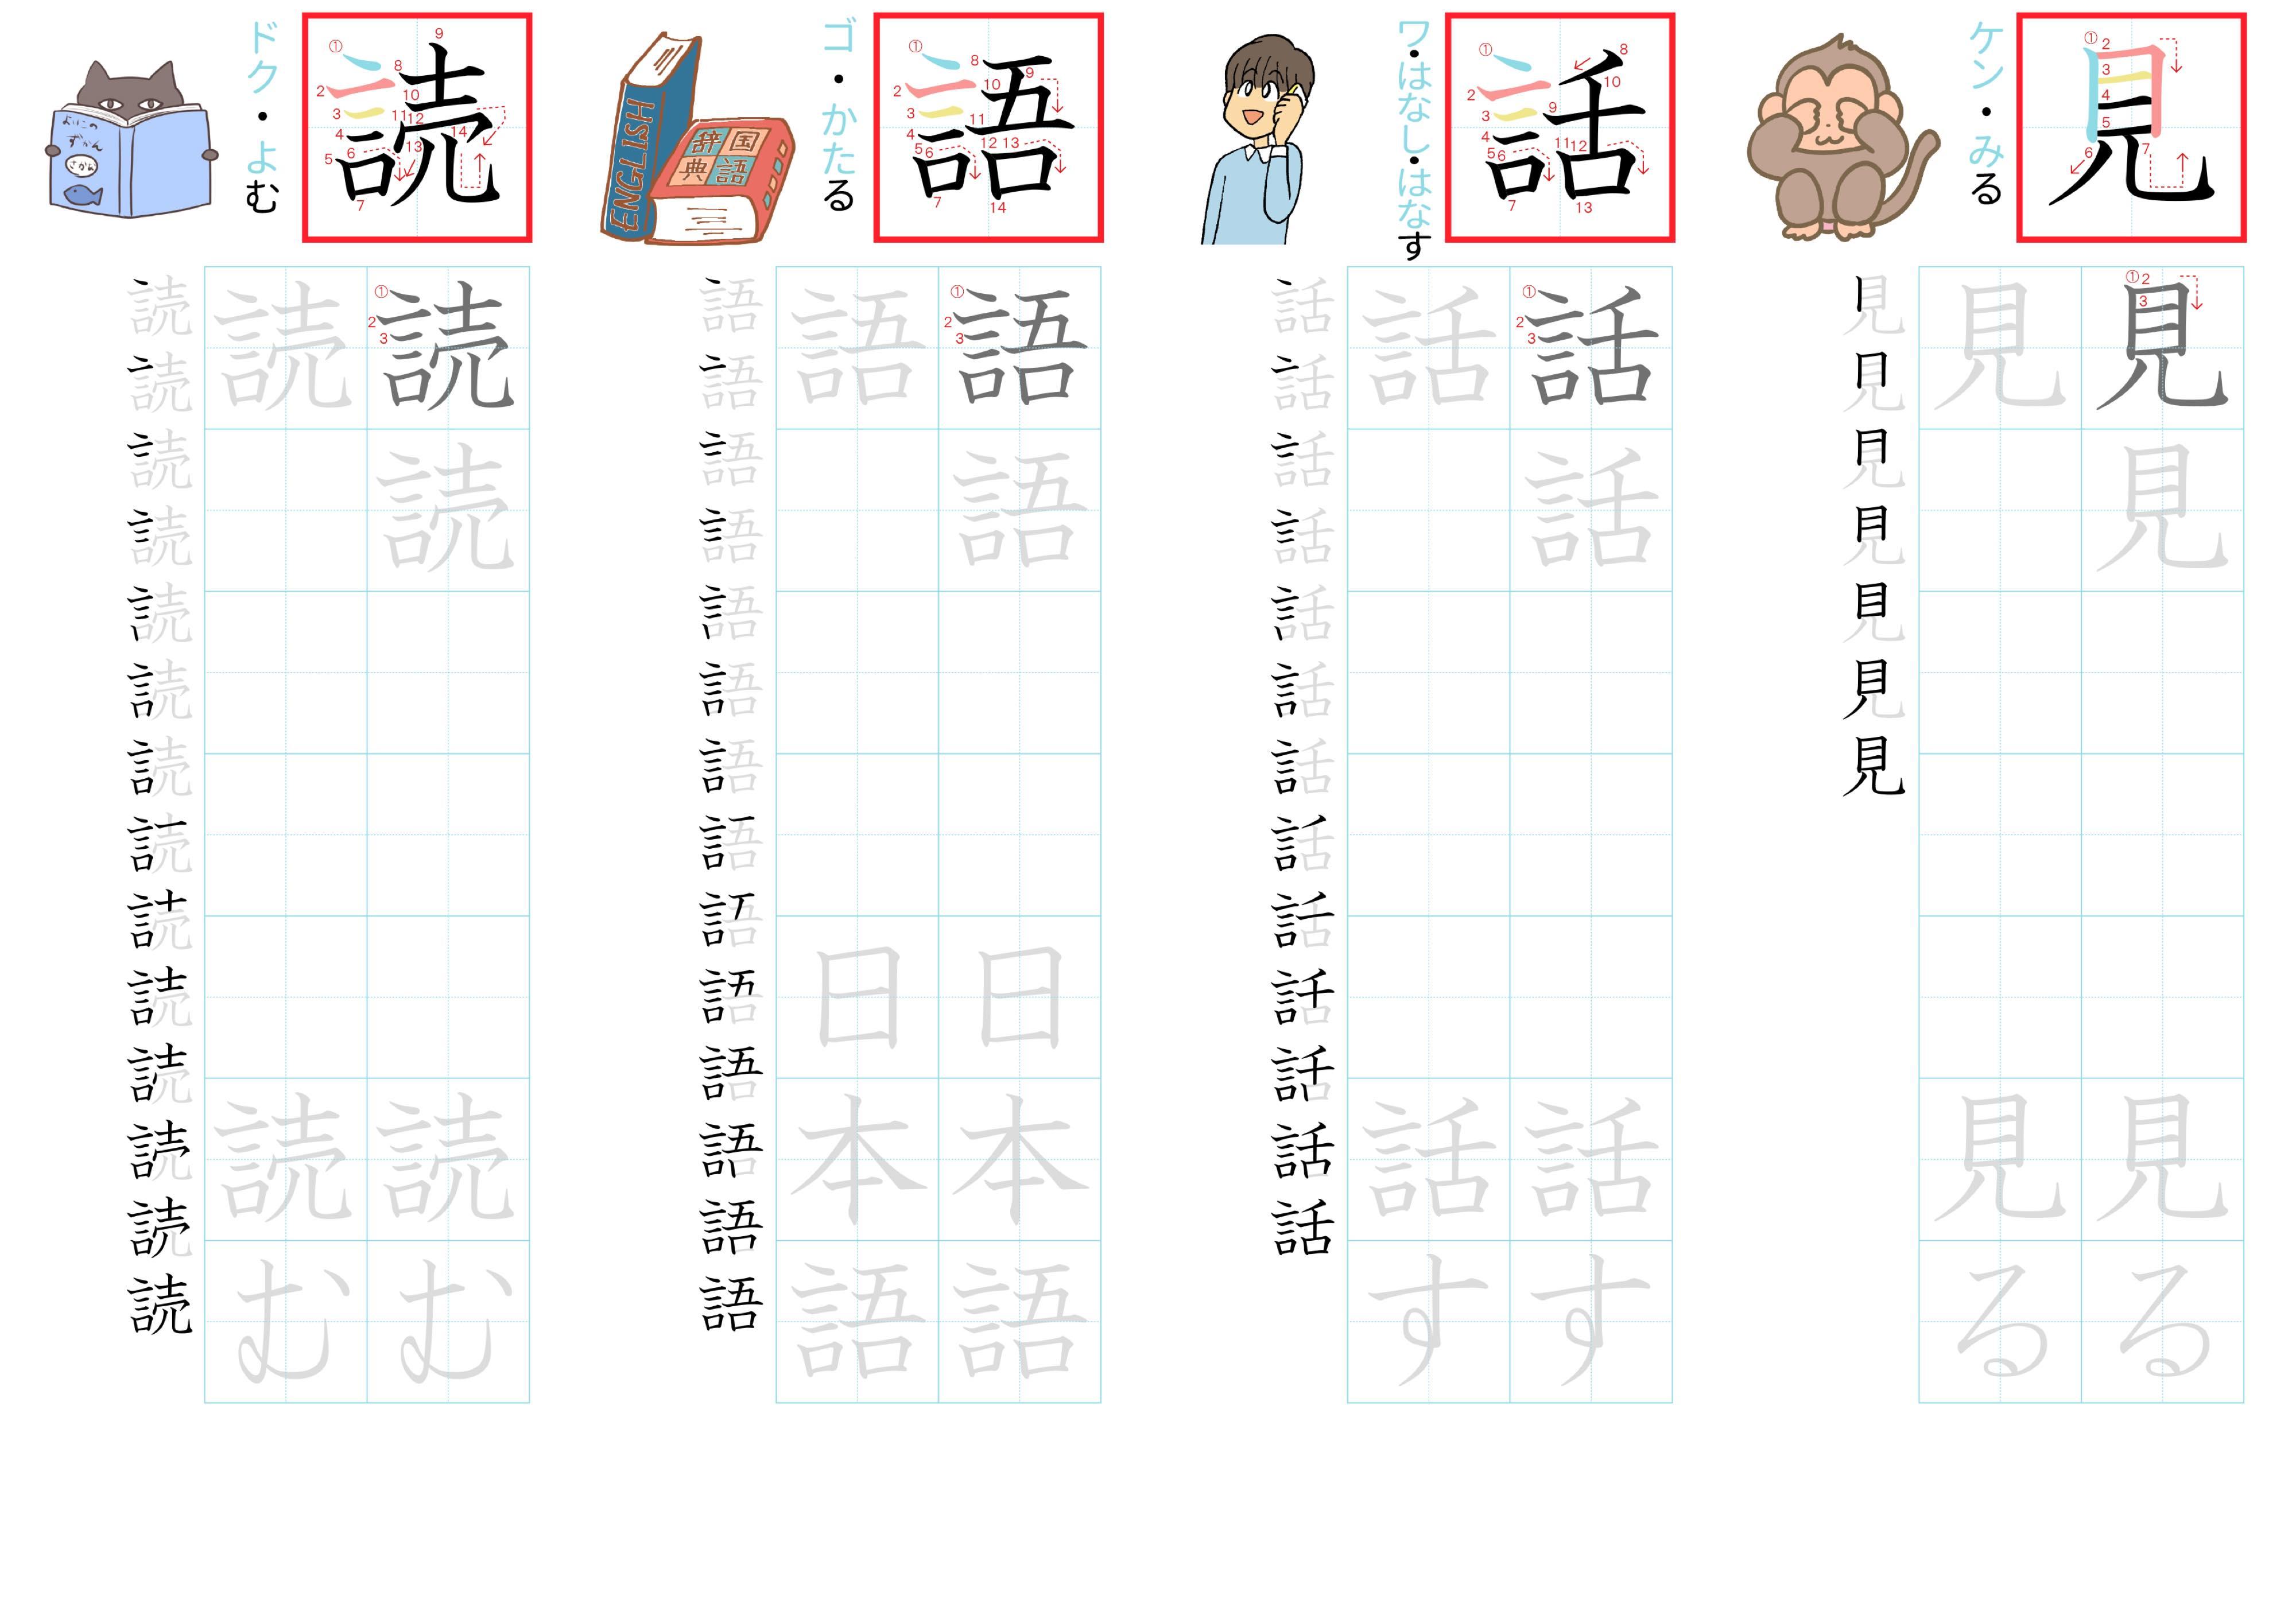 kanji-practice-card-n5-japanese-018